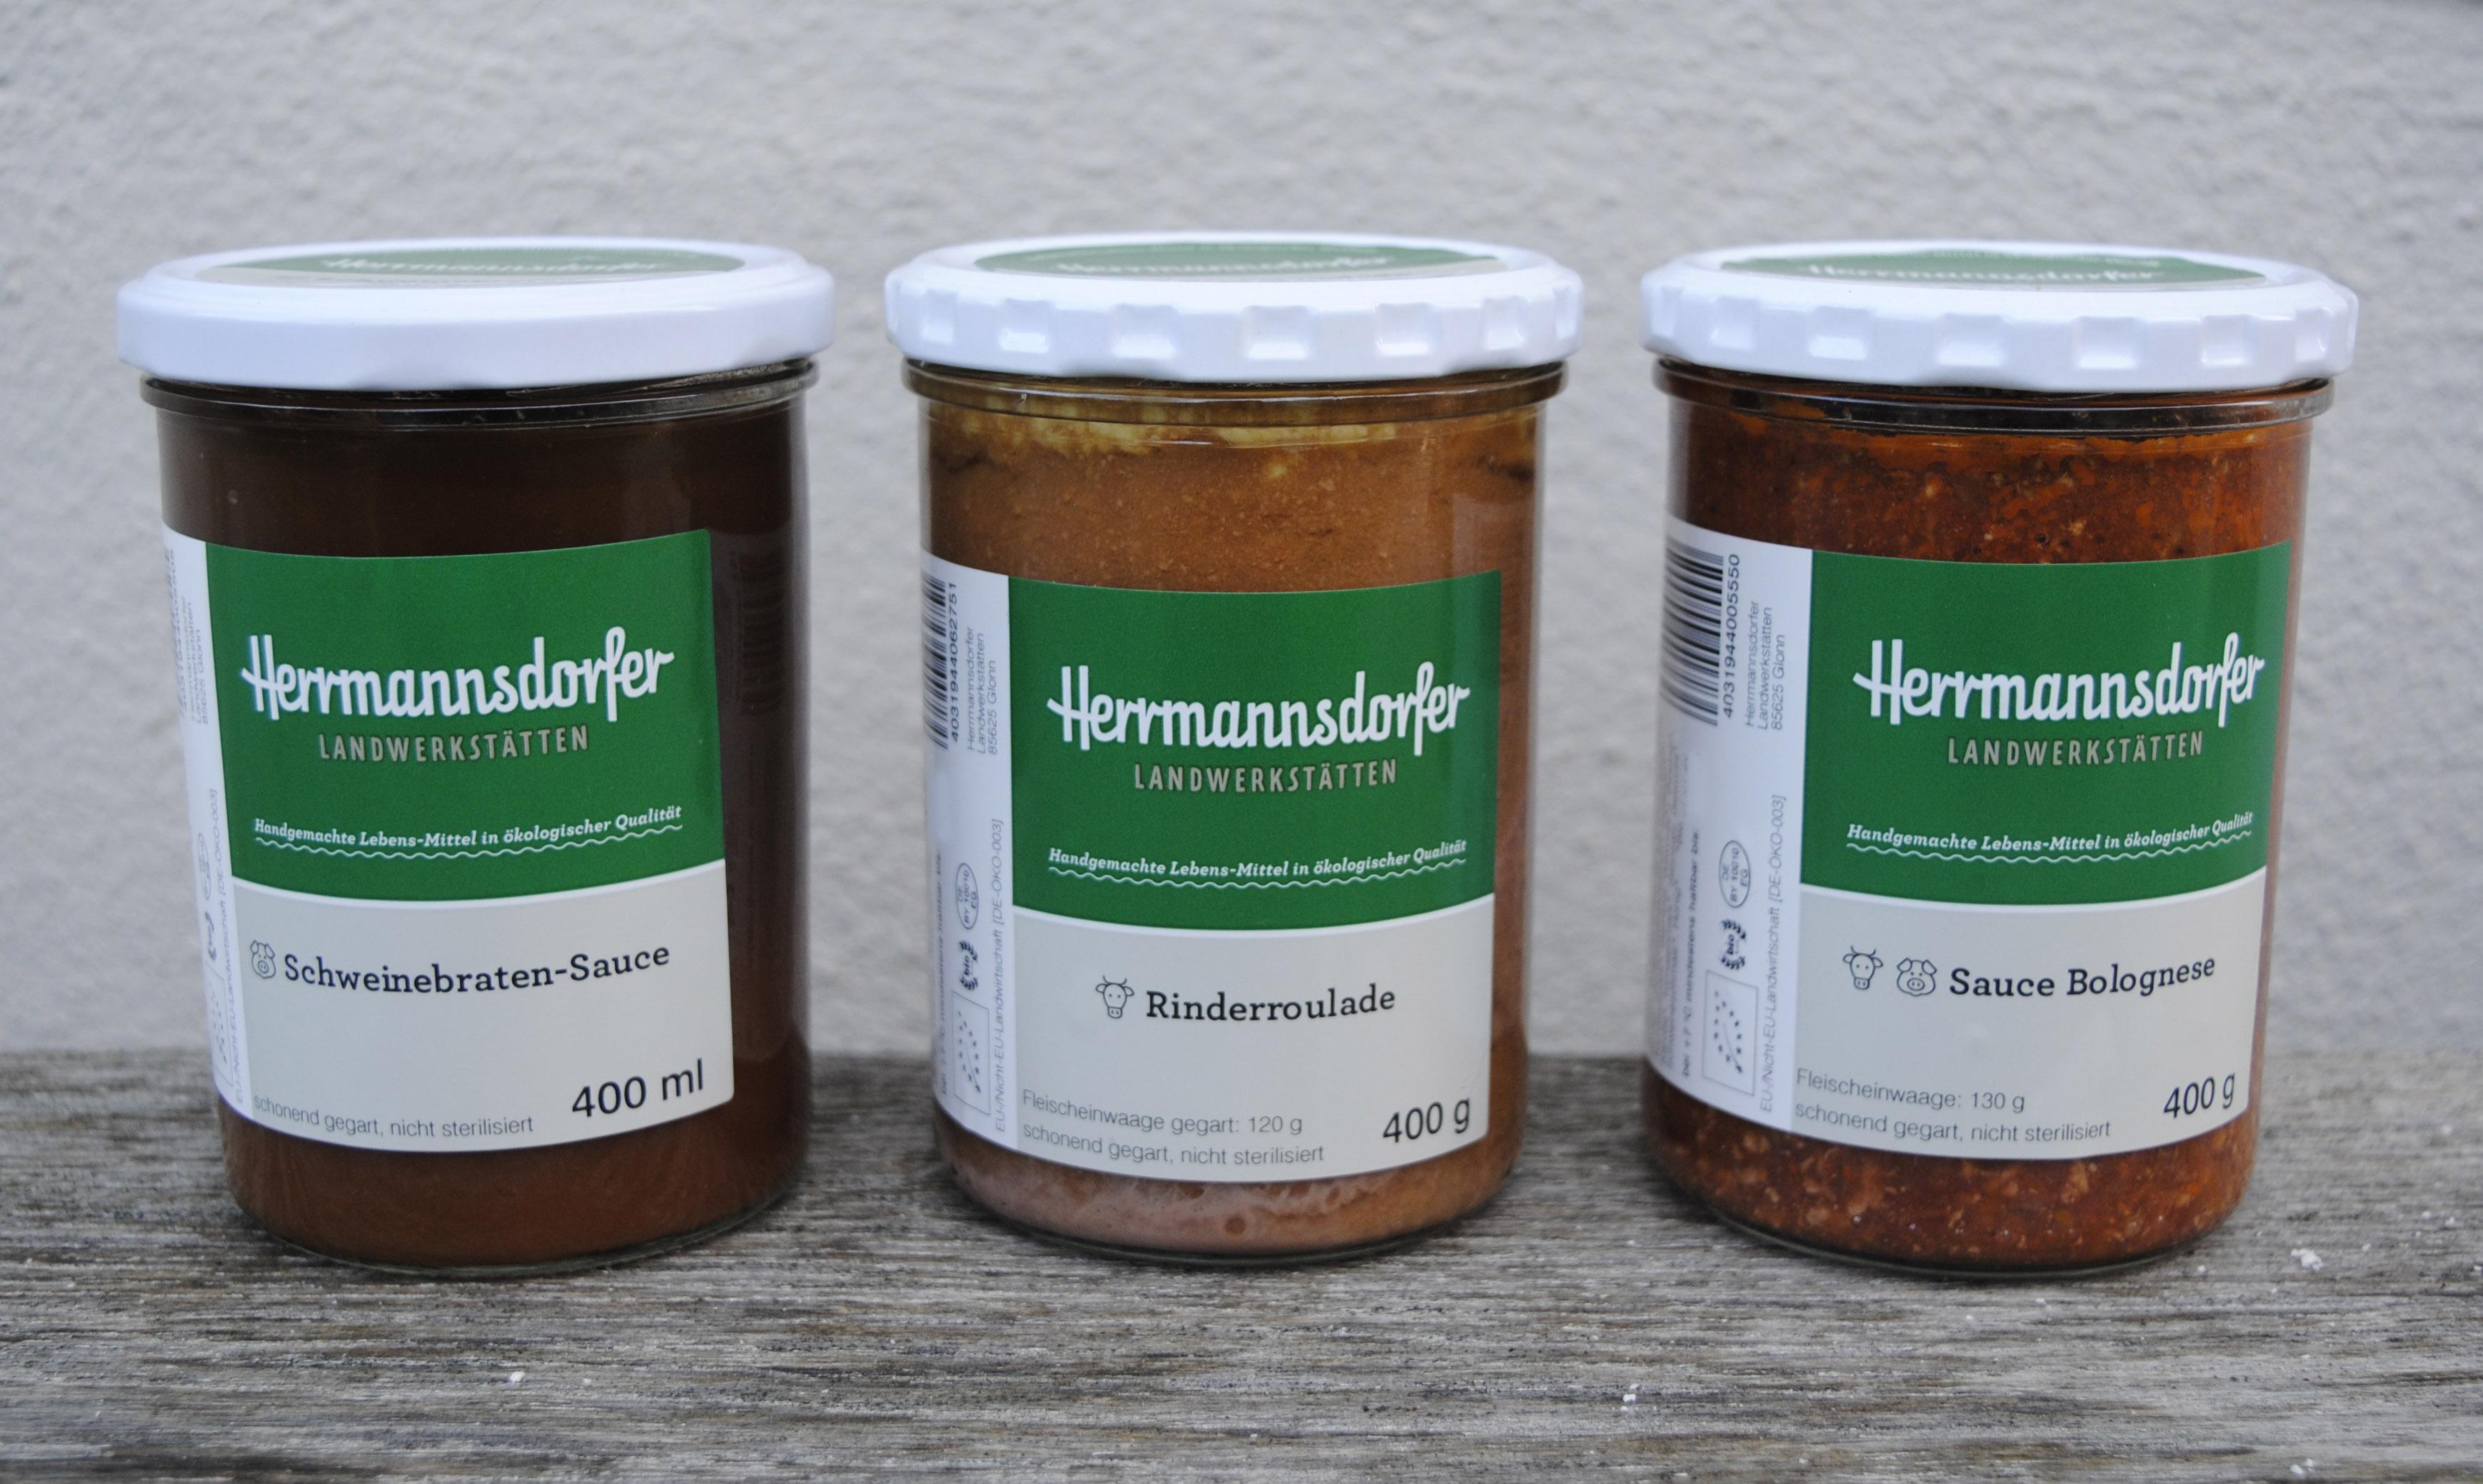 Herrmannsdorfer Sauce Bolognese 400ml Glas Herrmannsdorfer Rinderroulade 400g Glas Herrmannsdorfer Schweinebratensauce 400ml Glas